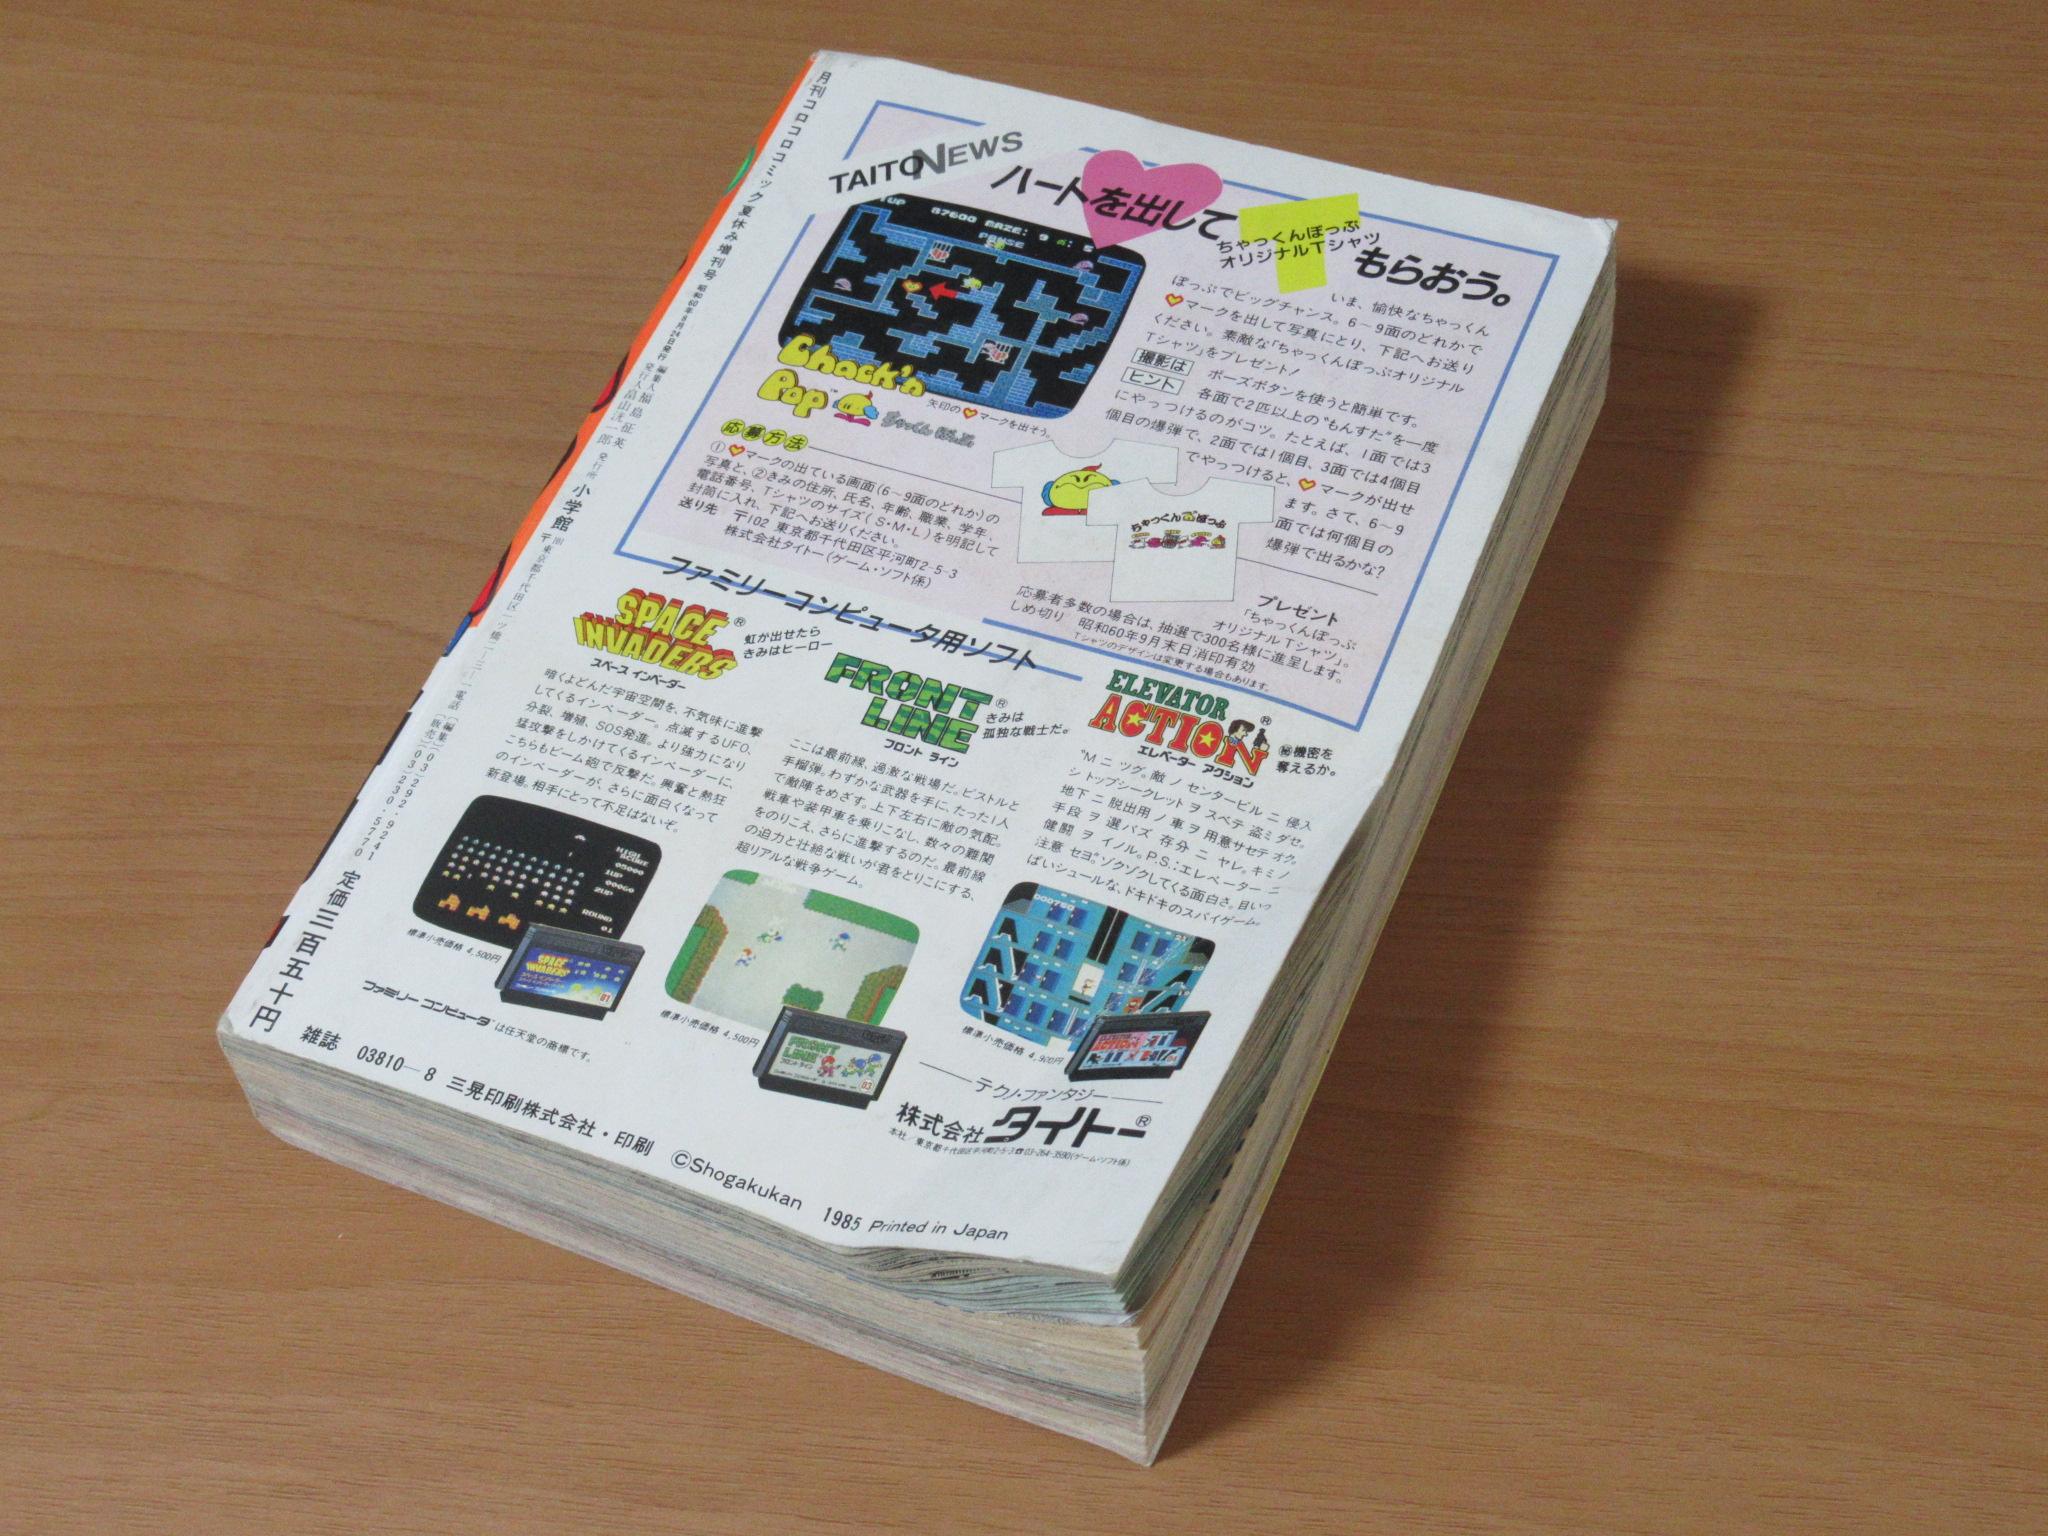 コロコロコミック買取 増刊号 夏休み 1985年 昭和60年